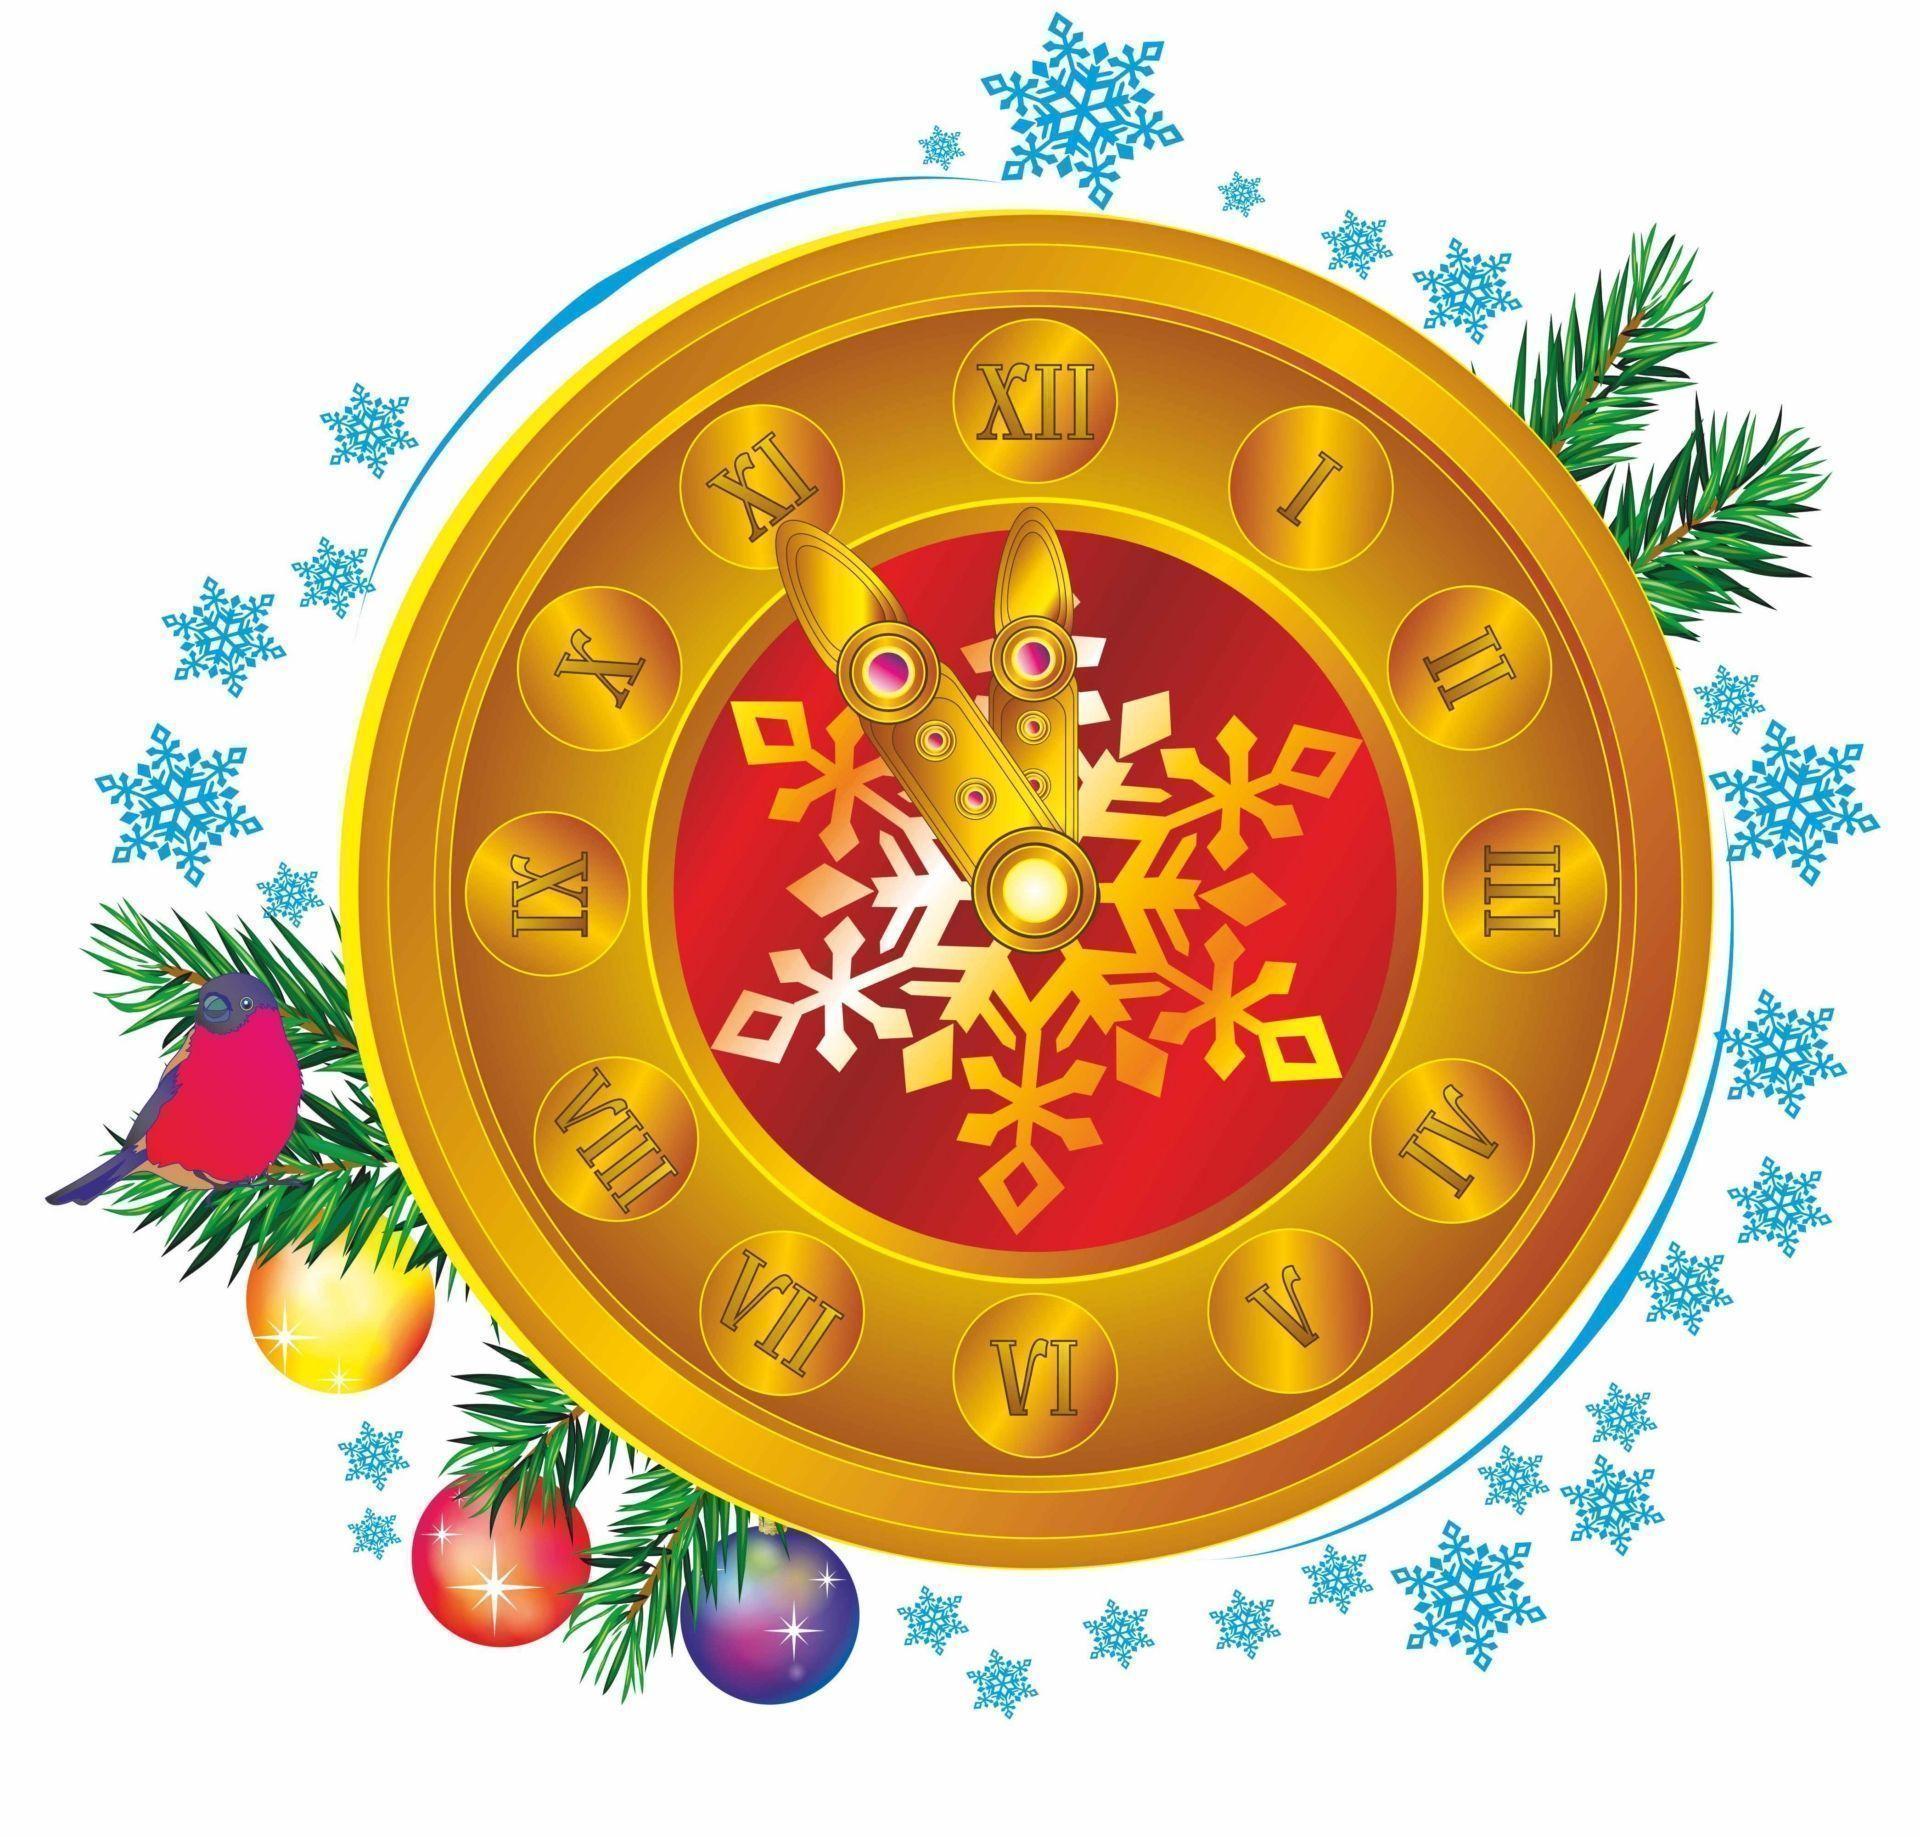 Плакат вырубной Часы новогодниеТовары для оформления и проведения праздника<br>.<br><br>Год: 2017<br>Серия: Вырубные фигуры для оформления<br>Высота: 357<br>Ширина: 340<br>Переплёт: набор